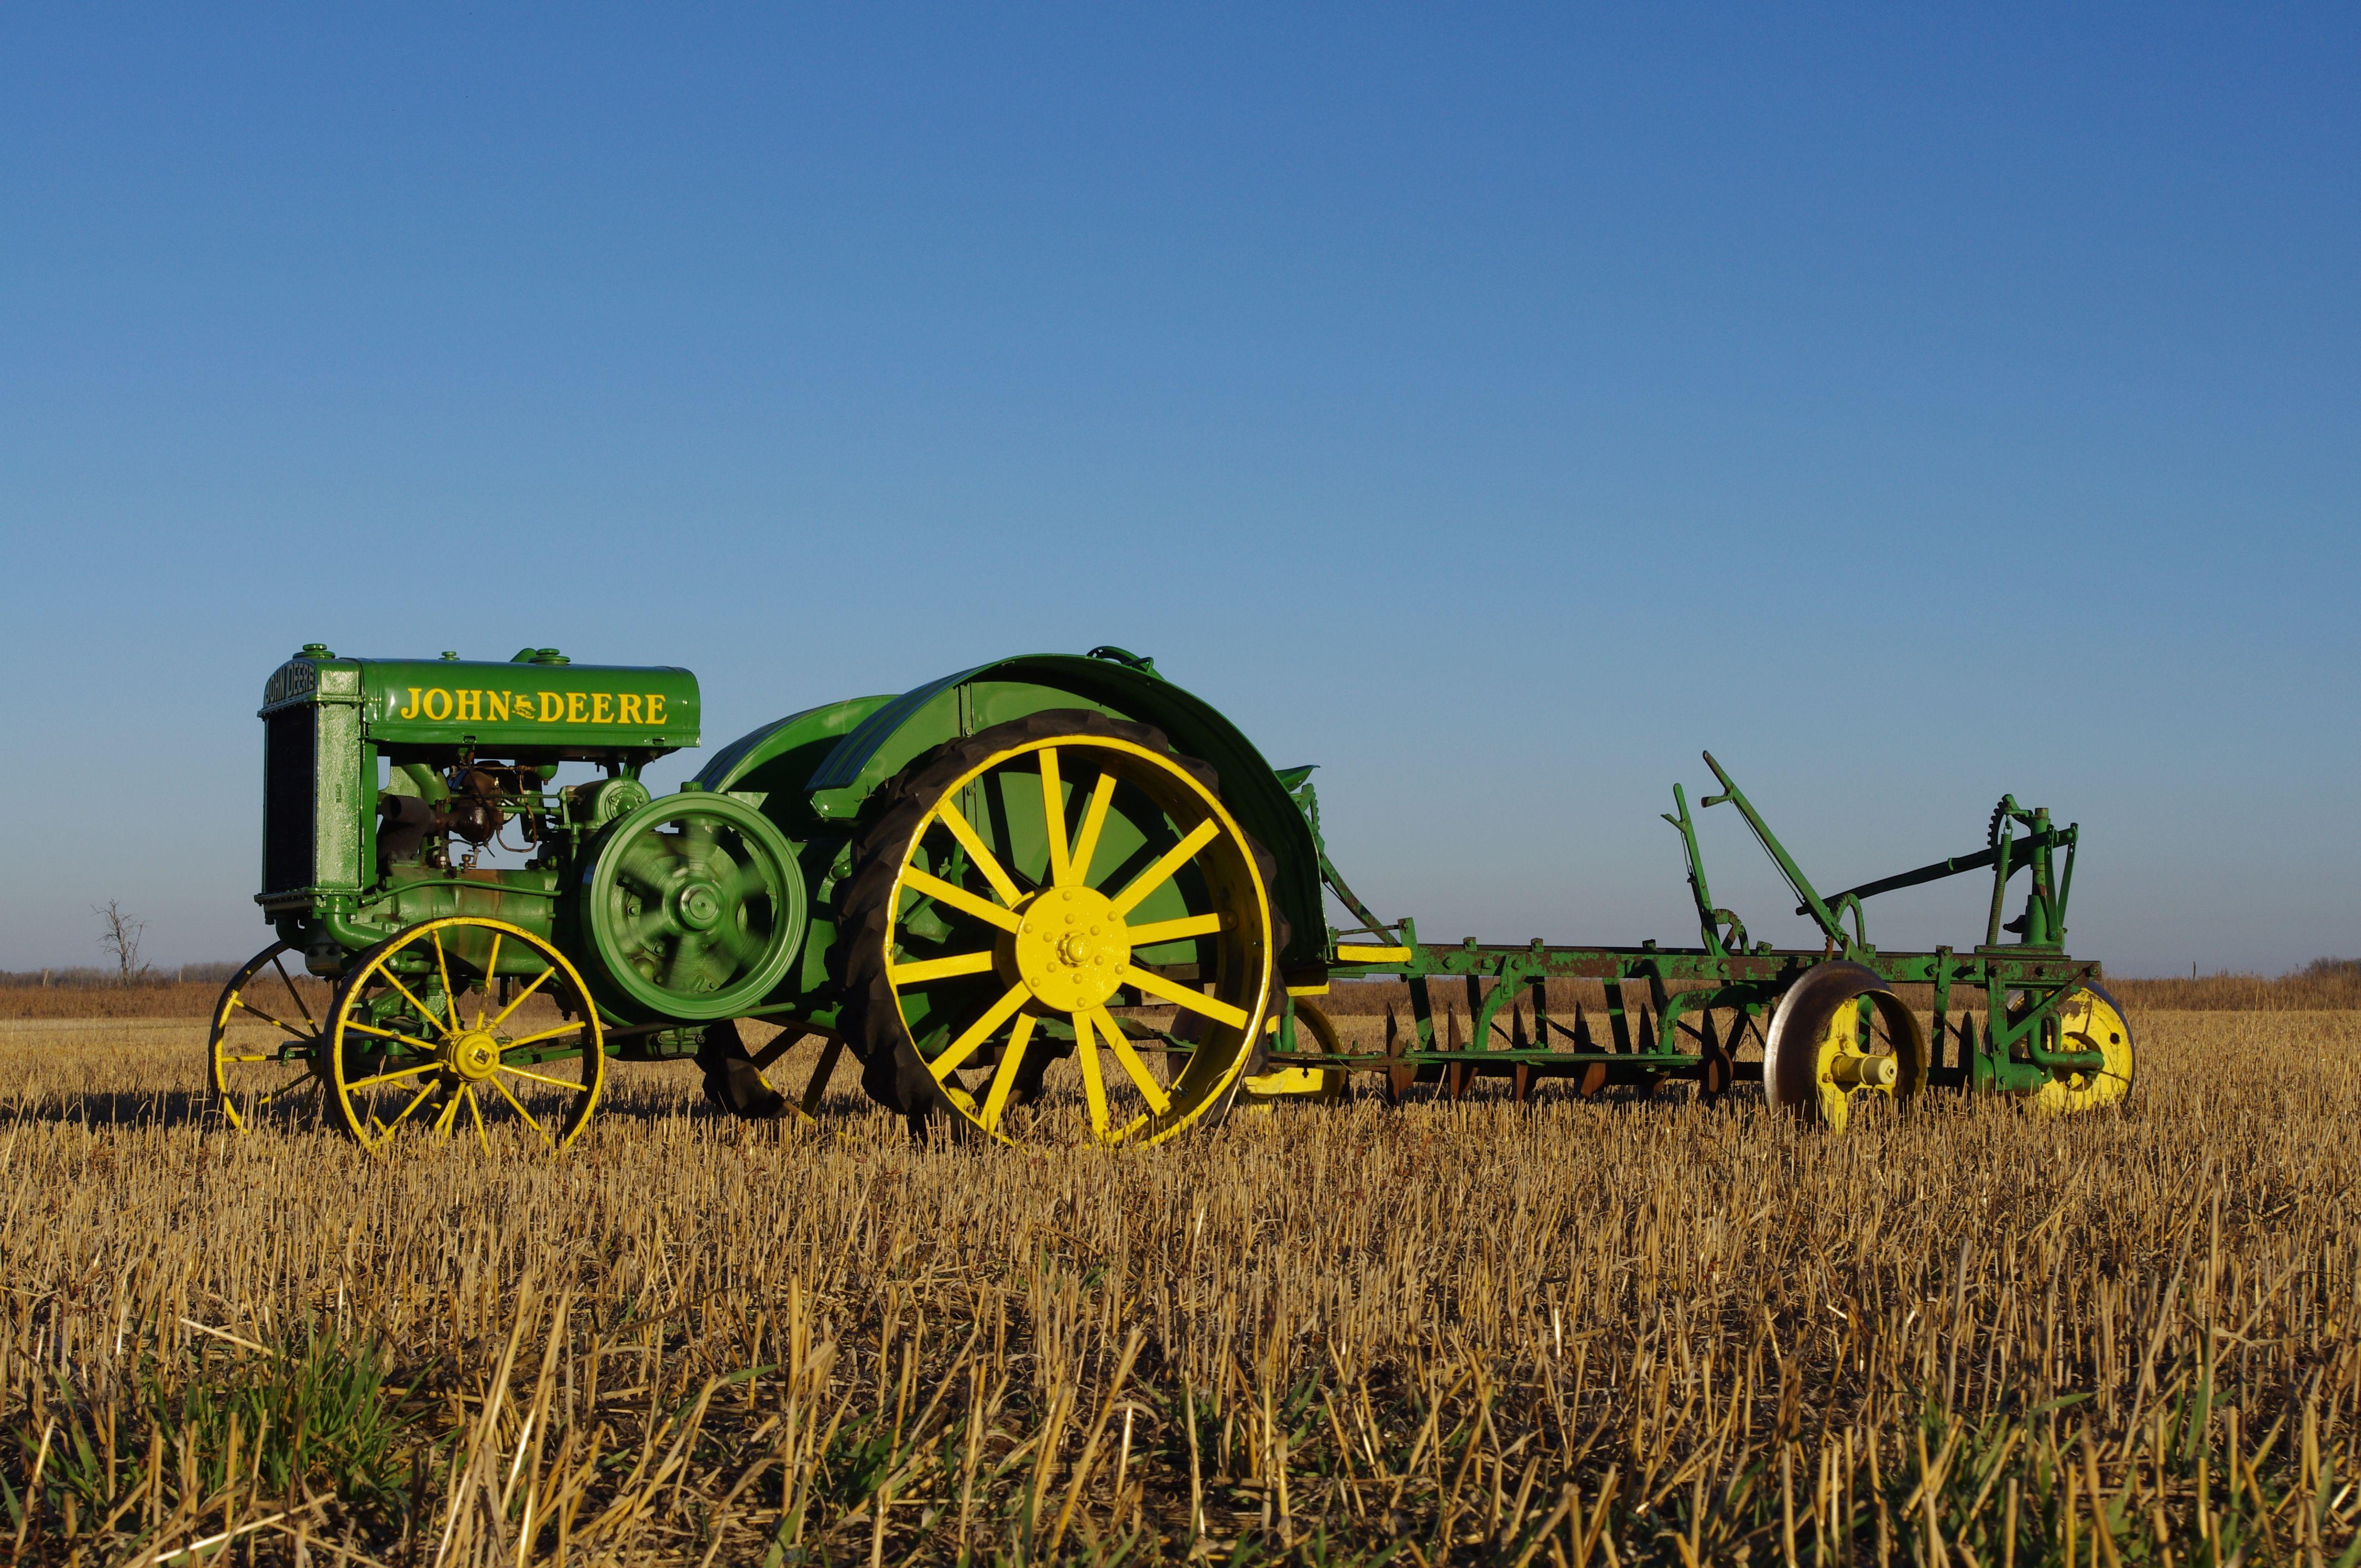 Pin on John Deere Tractors 4288x2848